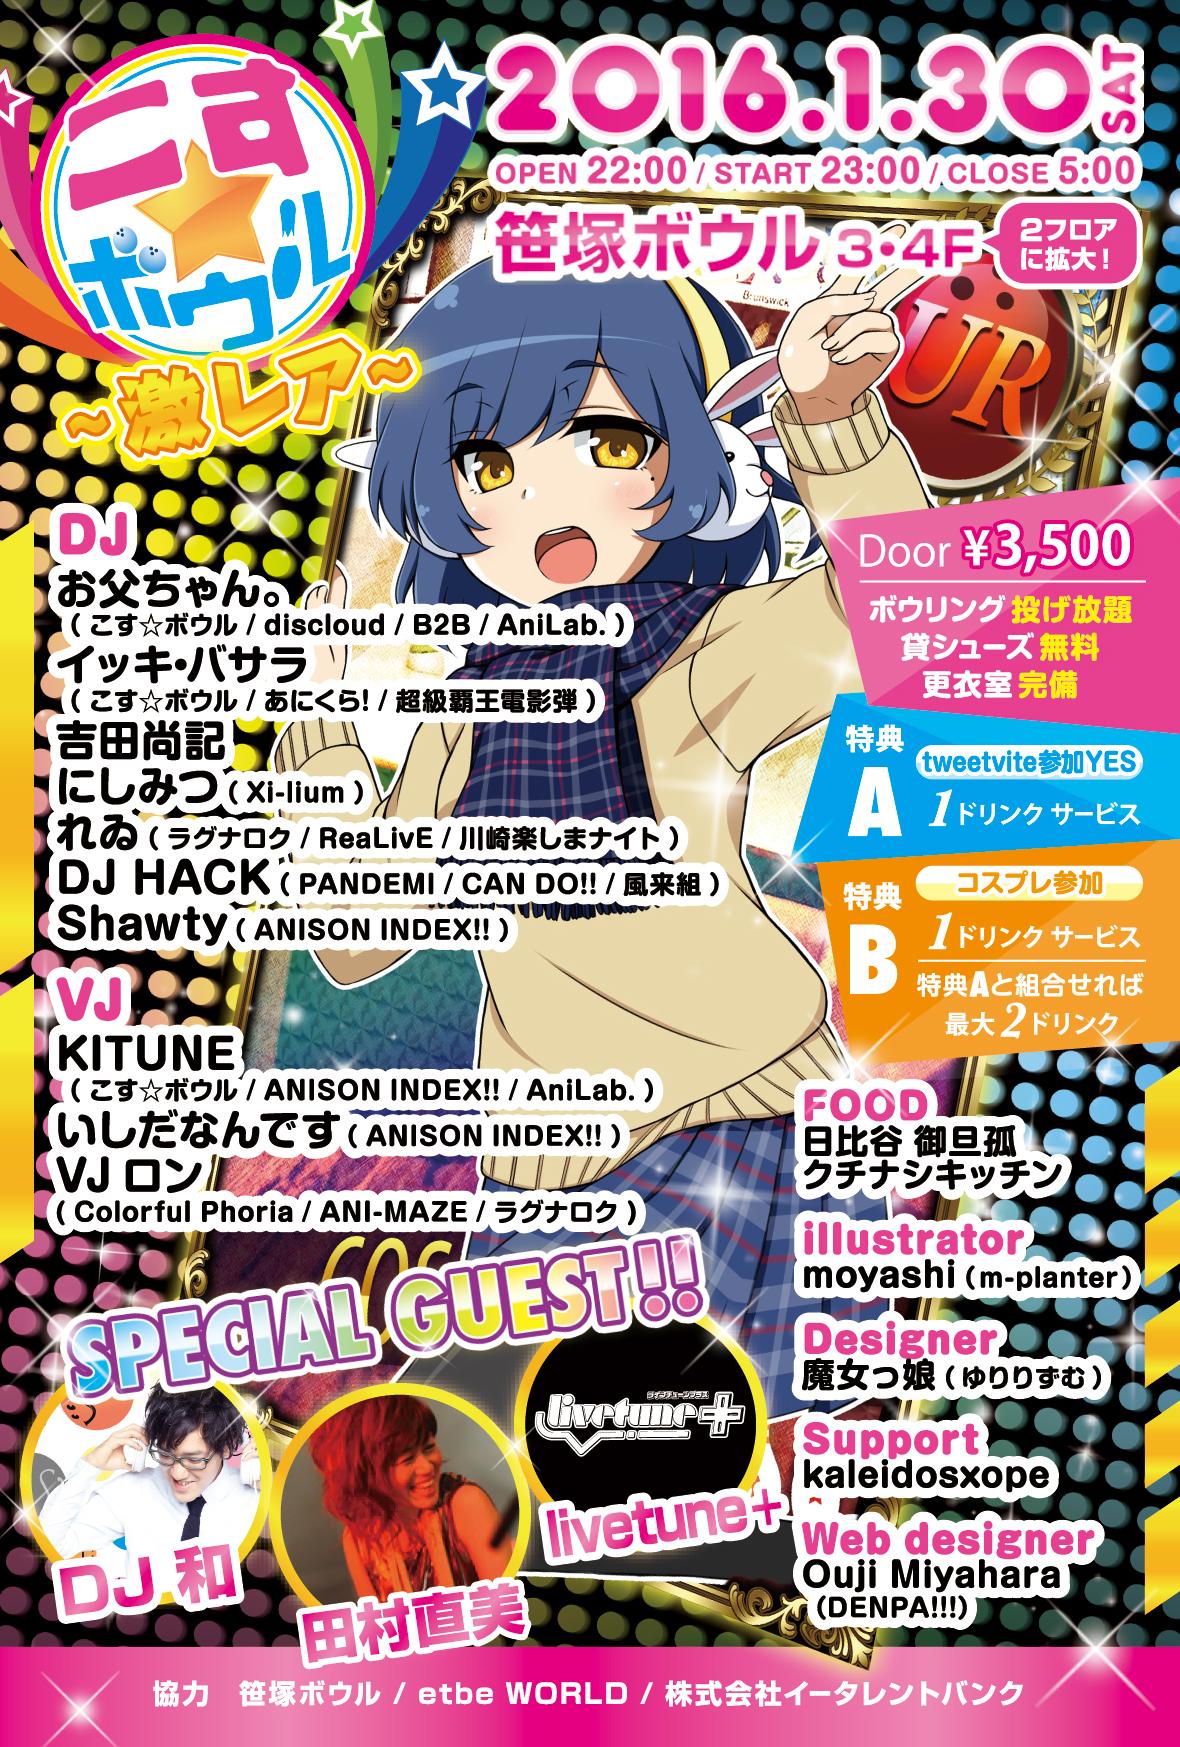 新感覚DJイベント『こす☆ボウル』が1月30日に復活!田村直美、llivetune+、DJ和の出演が決定サムネイル画像